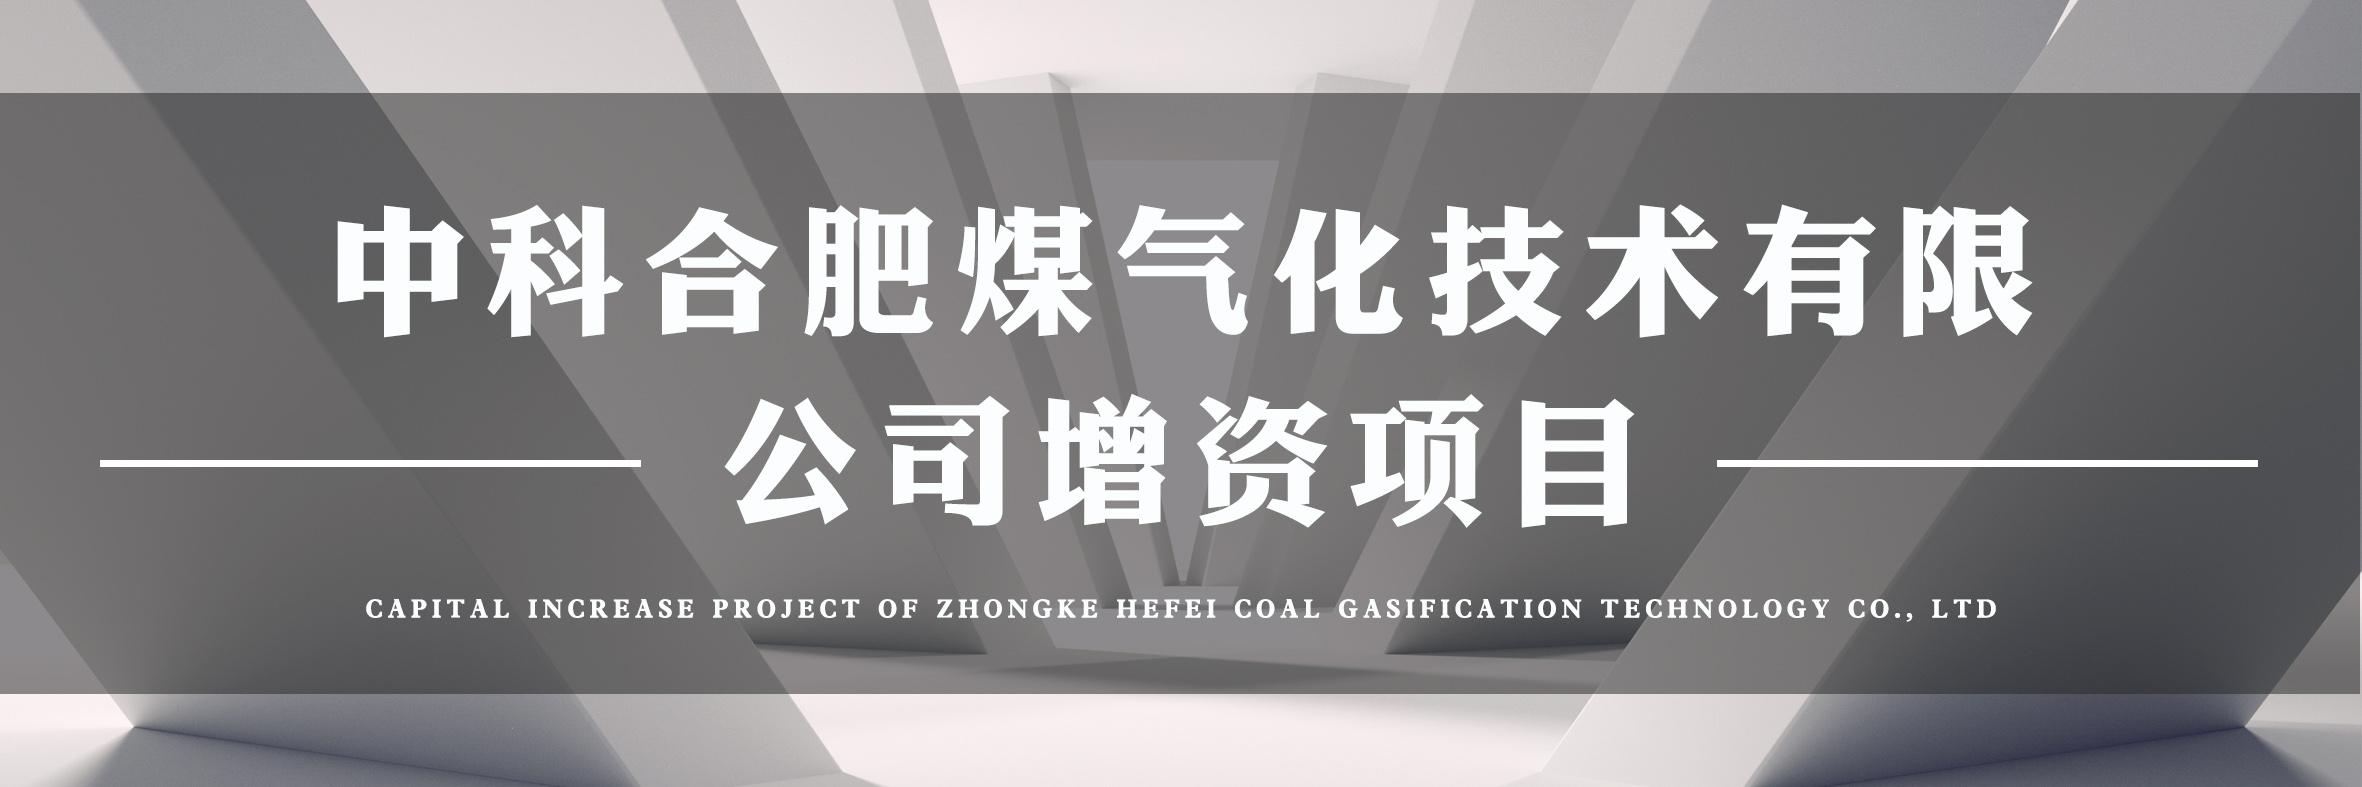 中科合肥煤气化技术有限公司增资项目